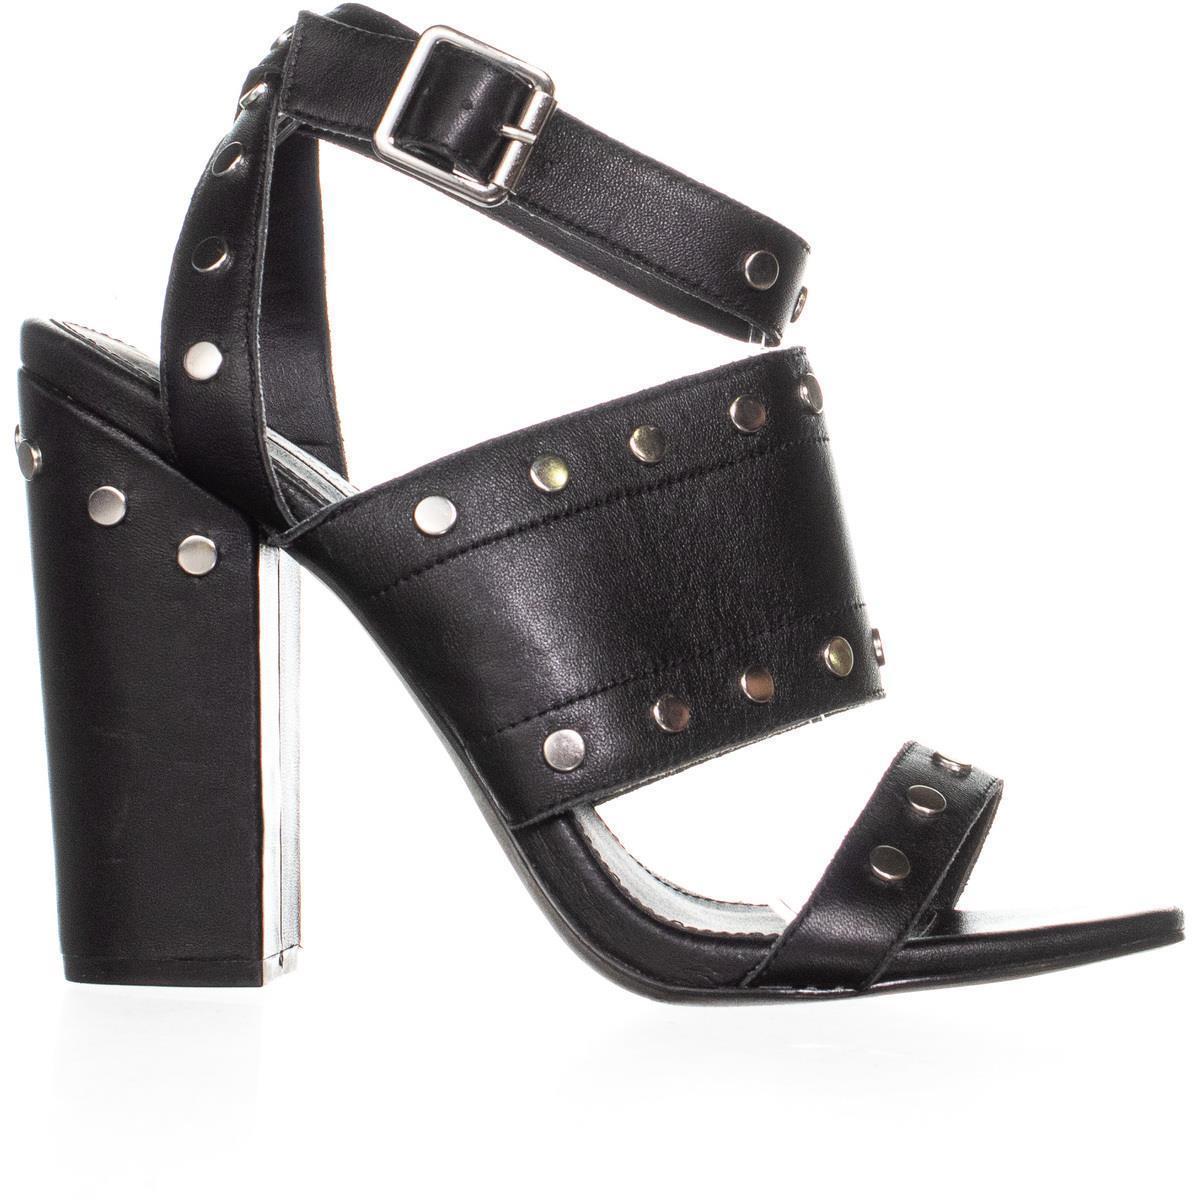 Steve Madden Jansen Ankle-Strap Dress Sandals 535, Black, 10 US